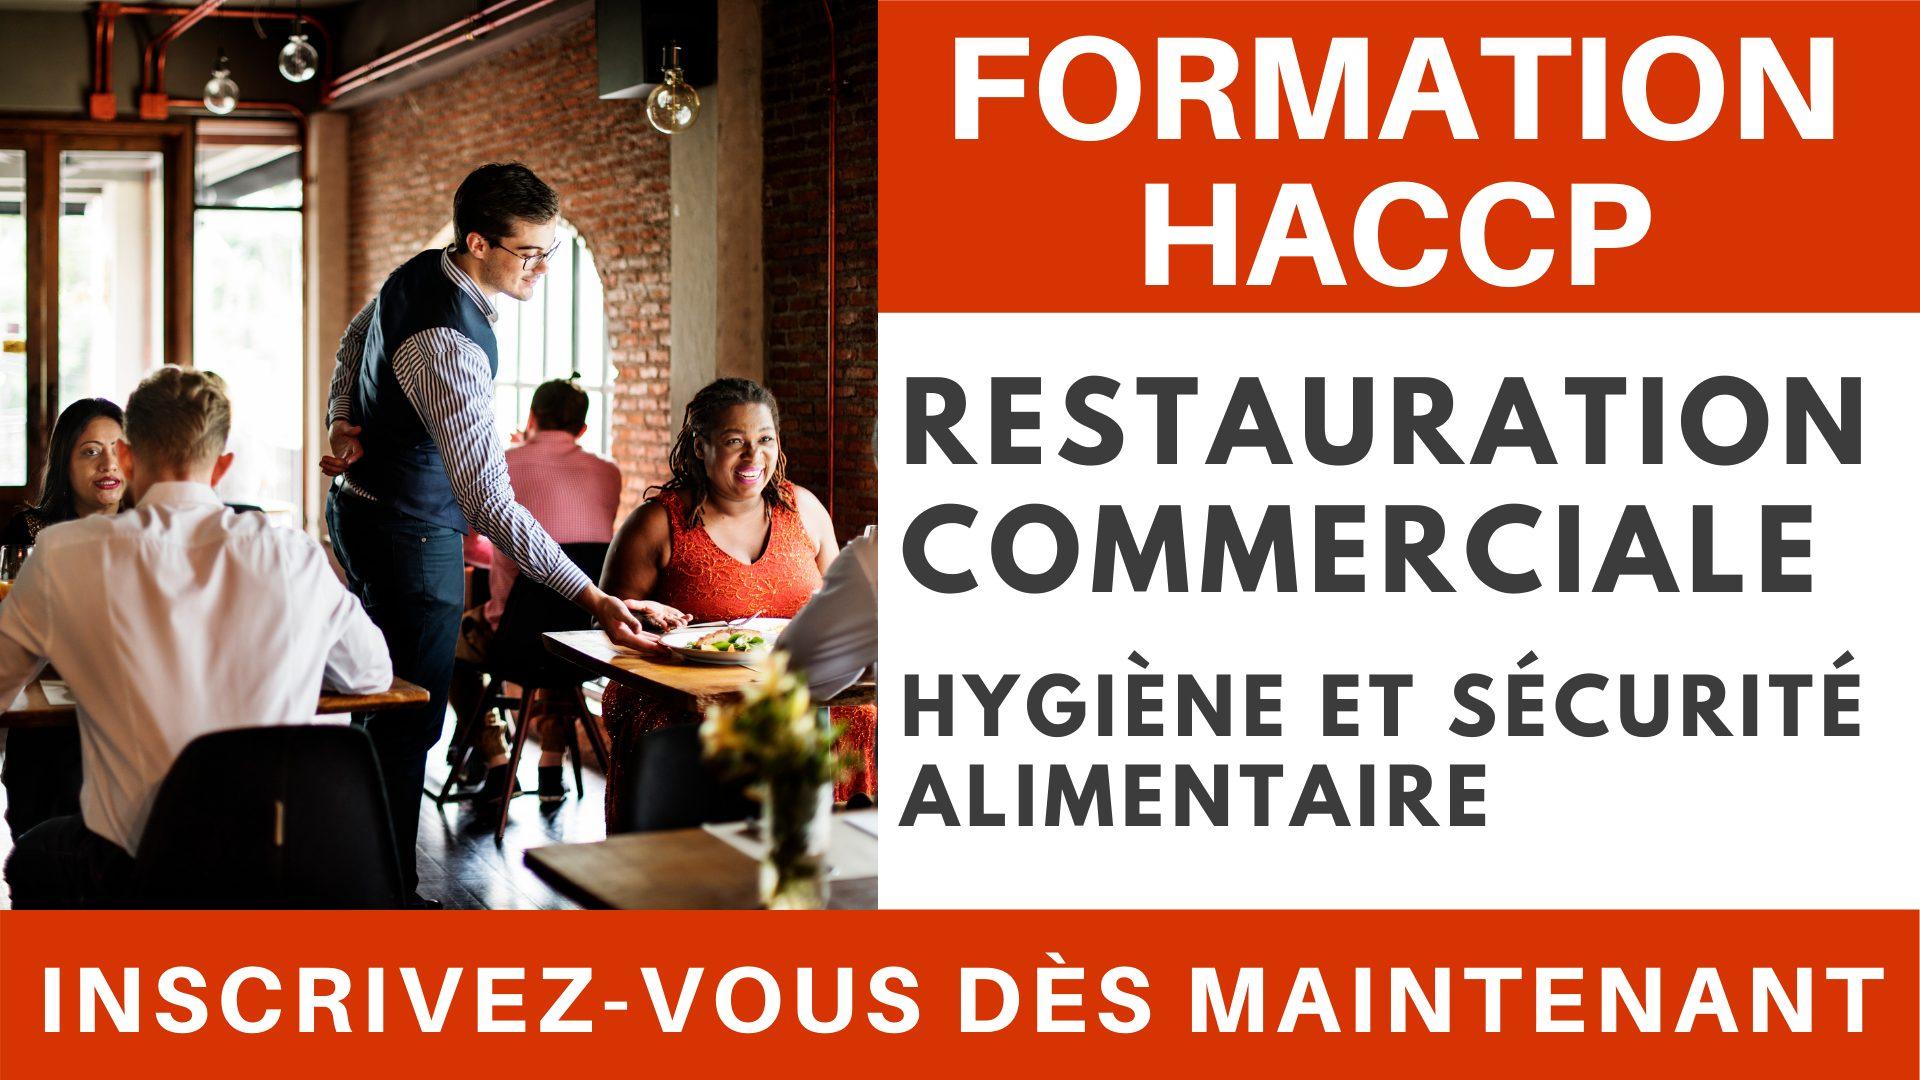 Formation HACCP - Hygiène et Sécurité alimentaire pour la restauration commerciale